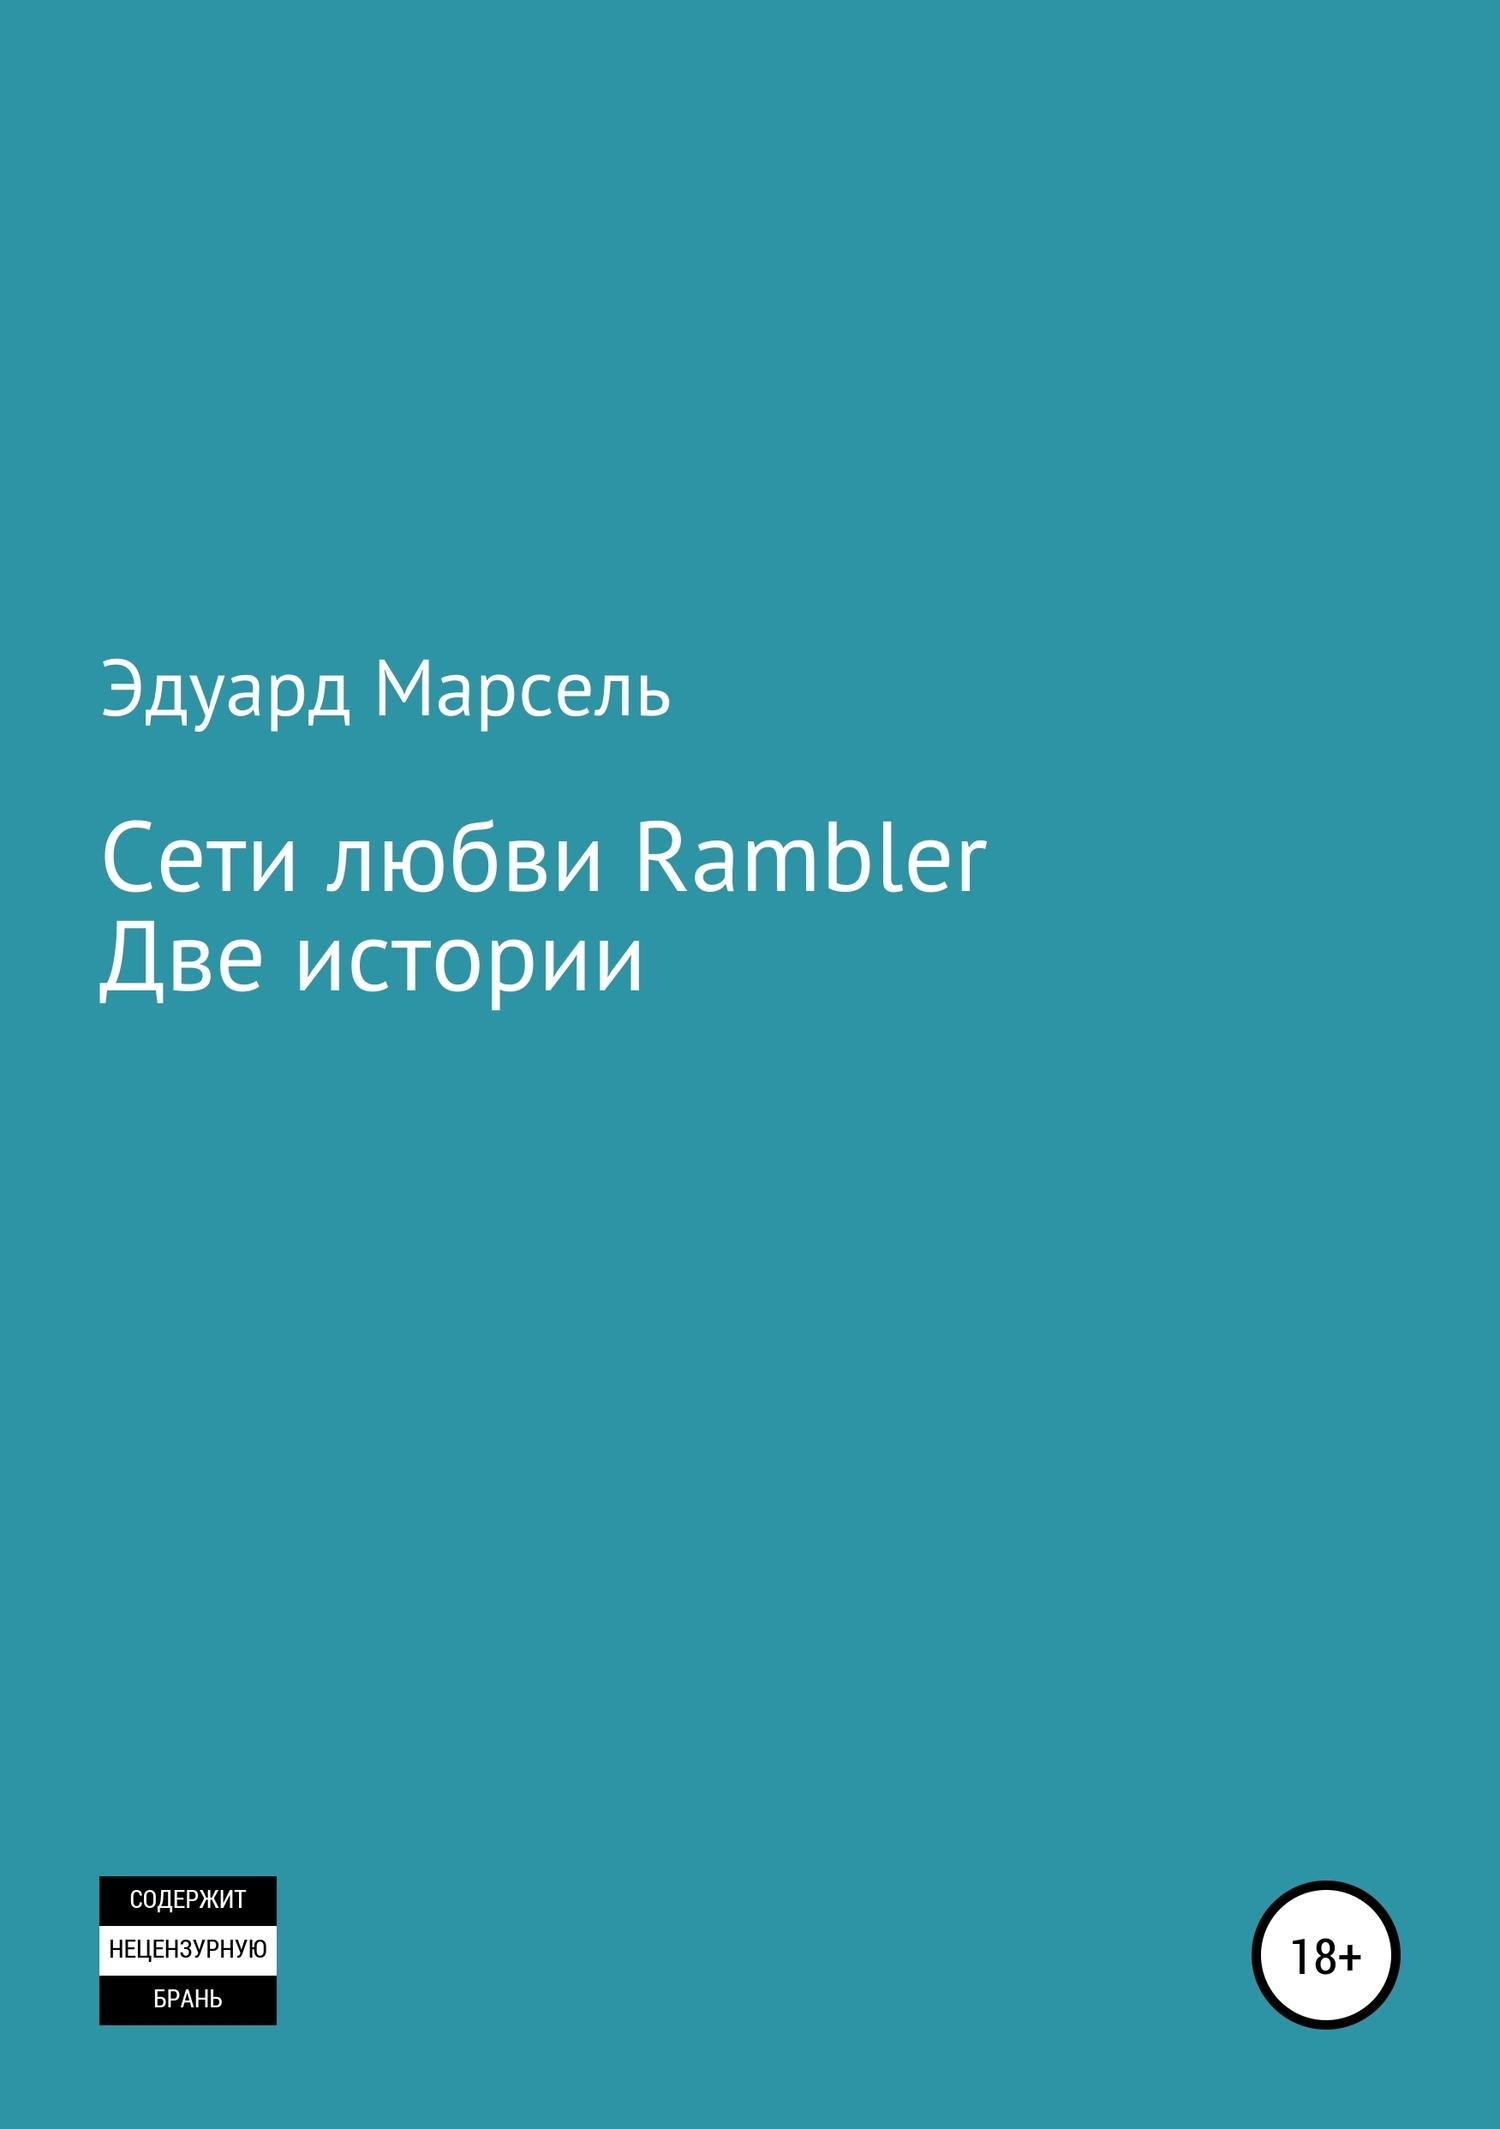 Сети любви Rambler. Две истории